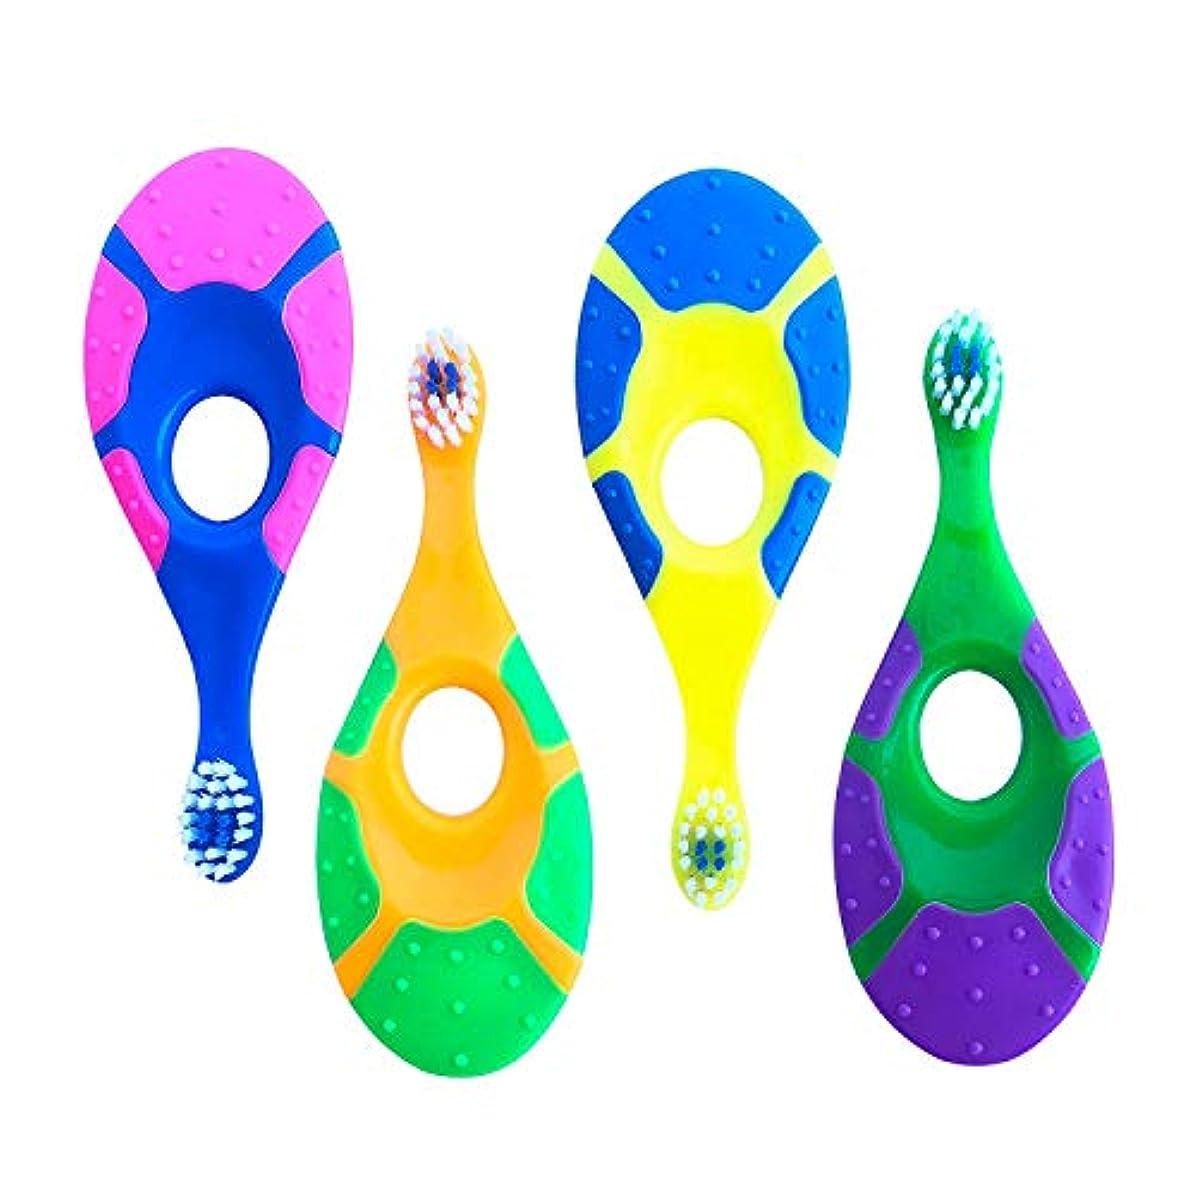 実証する去る探すTOOGOO 4セットのベビー歯ブラシ - 信頼性 - 柔らかい剛毛 - 指ハンドル歯ブラシ 0?2歳用 - 子供の最初のセットランダムカラー